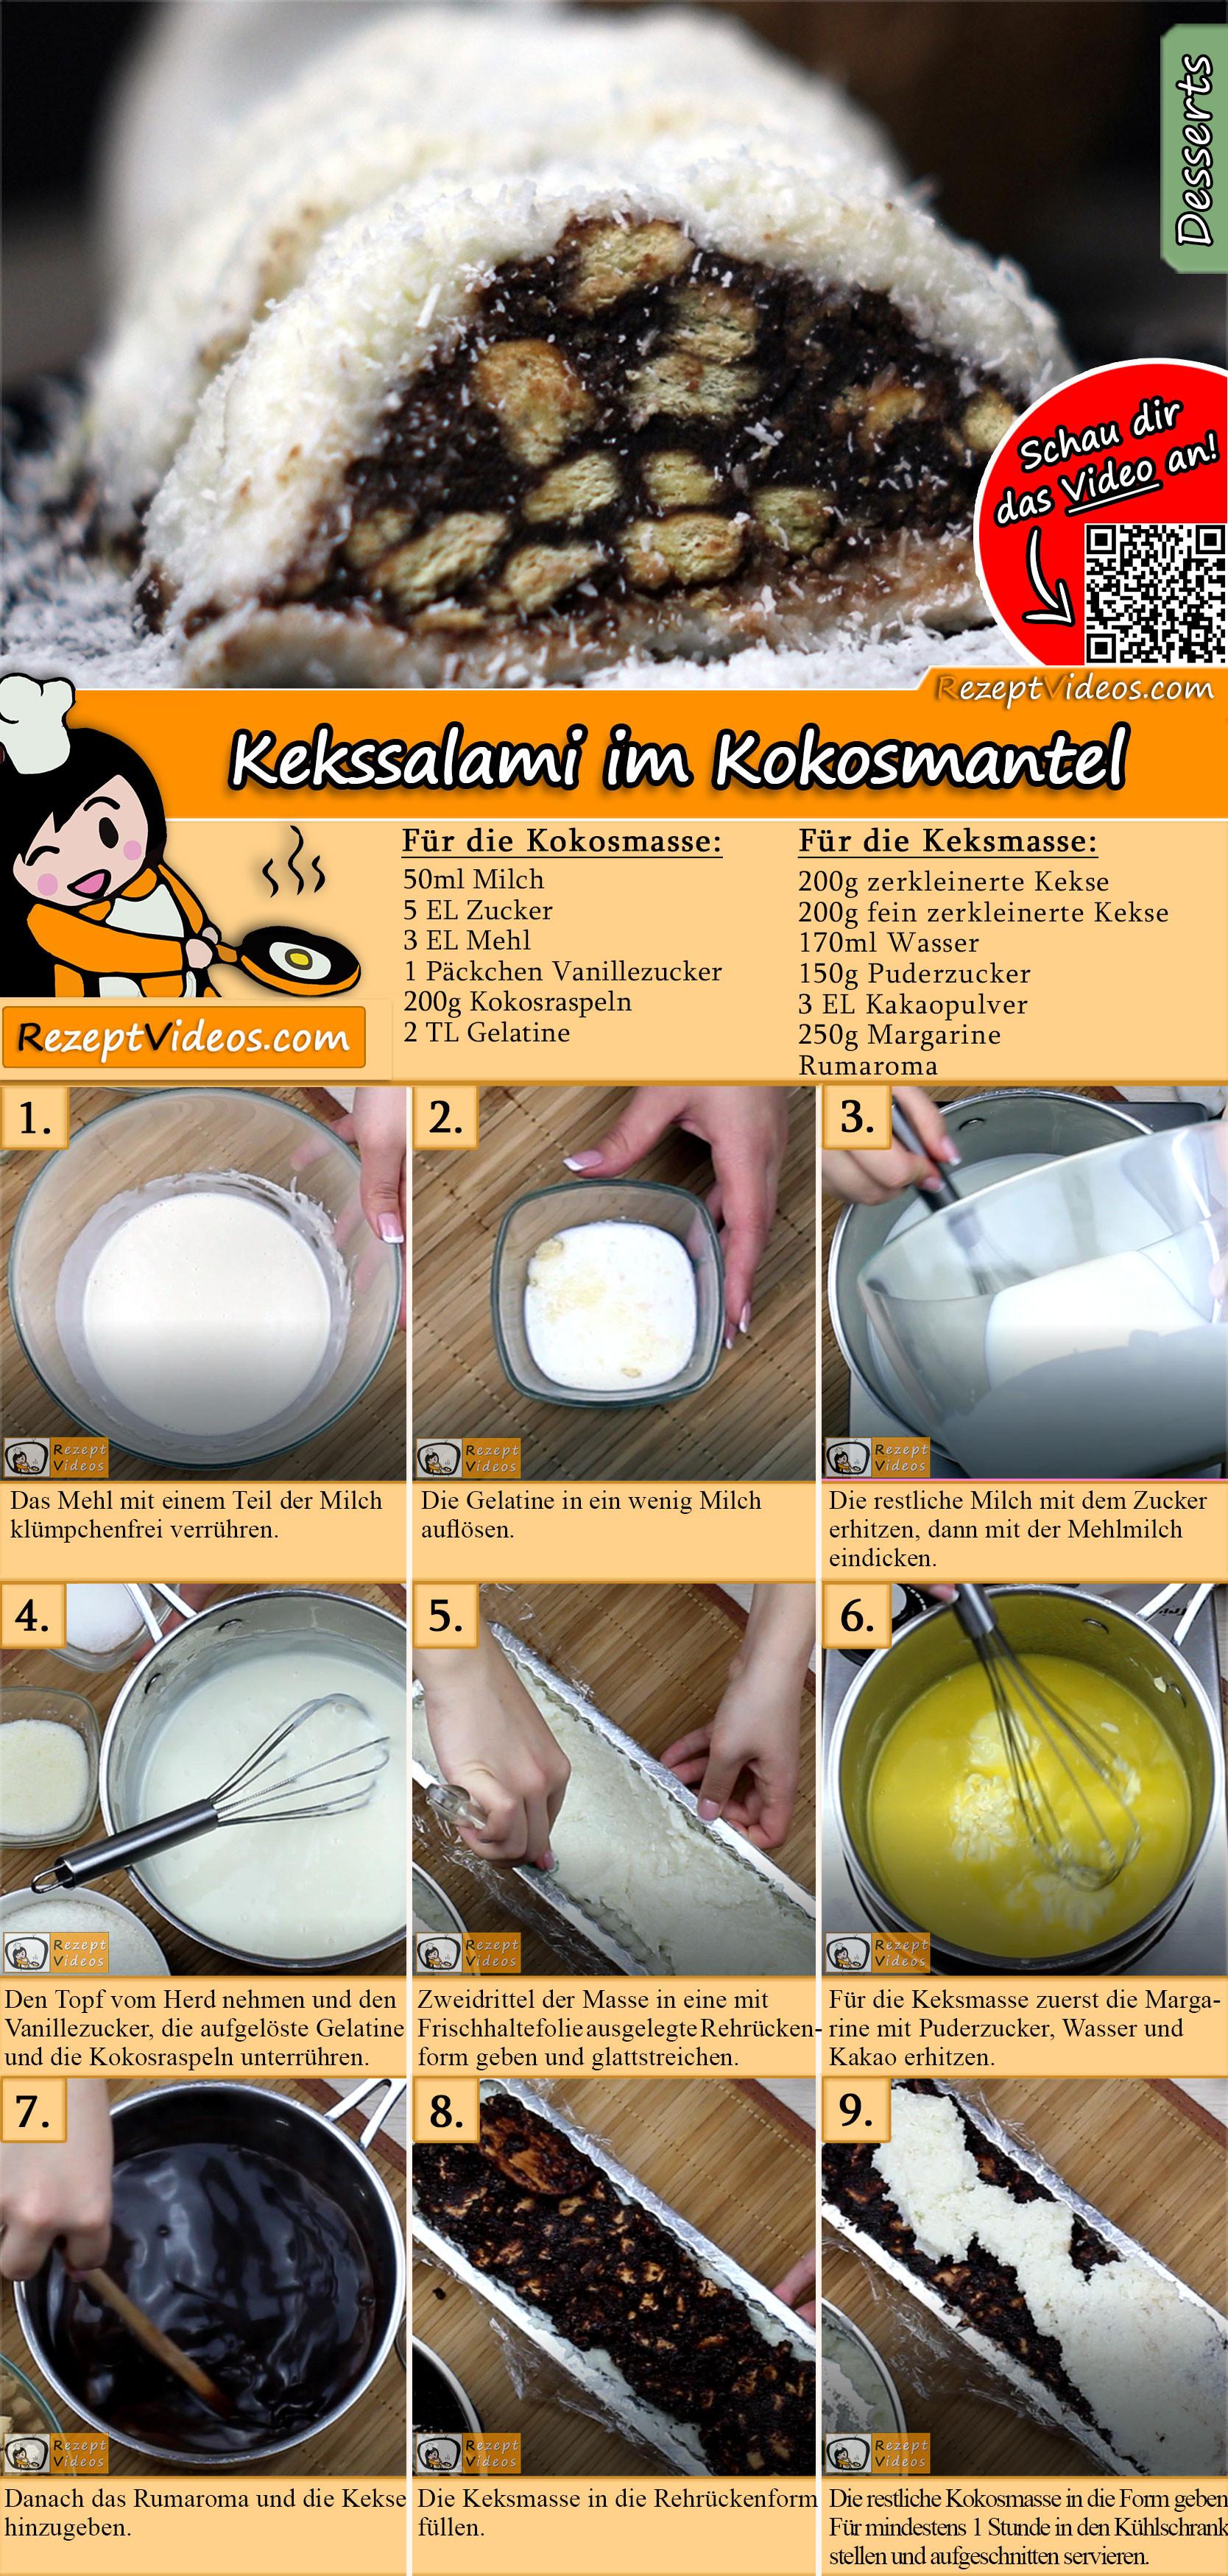 Kekssalami im Kokosmantel Rezept mit Video